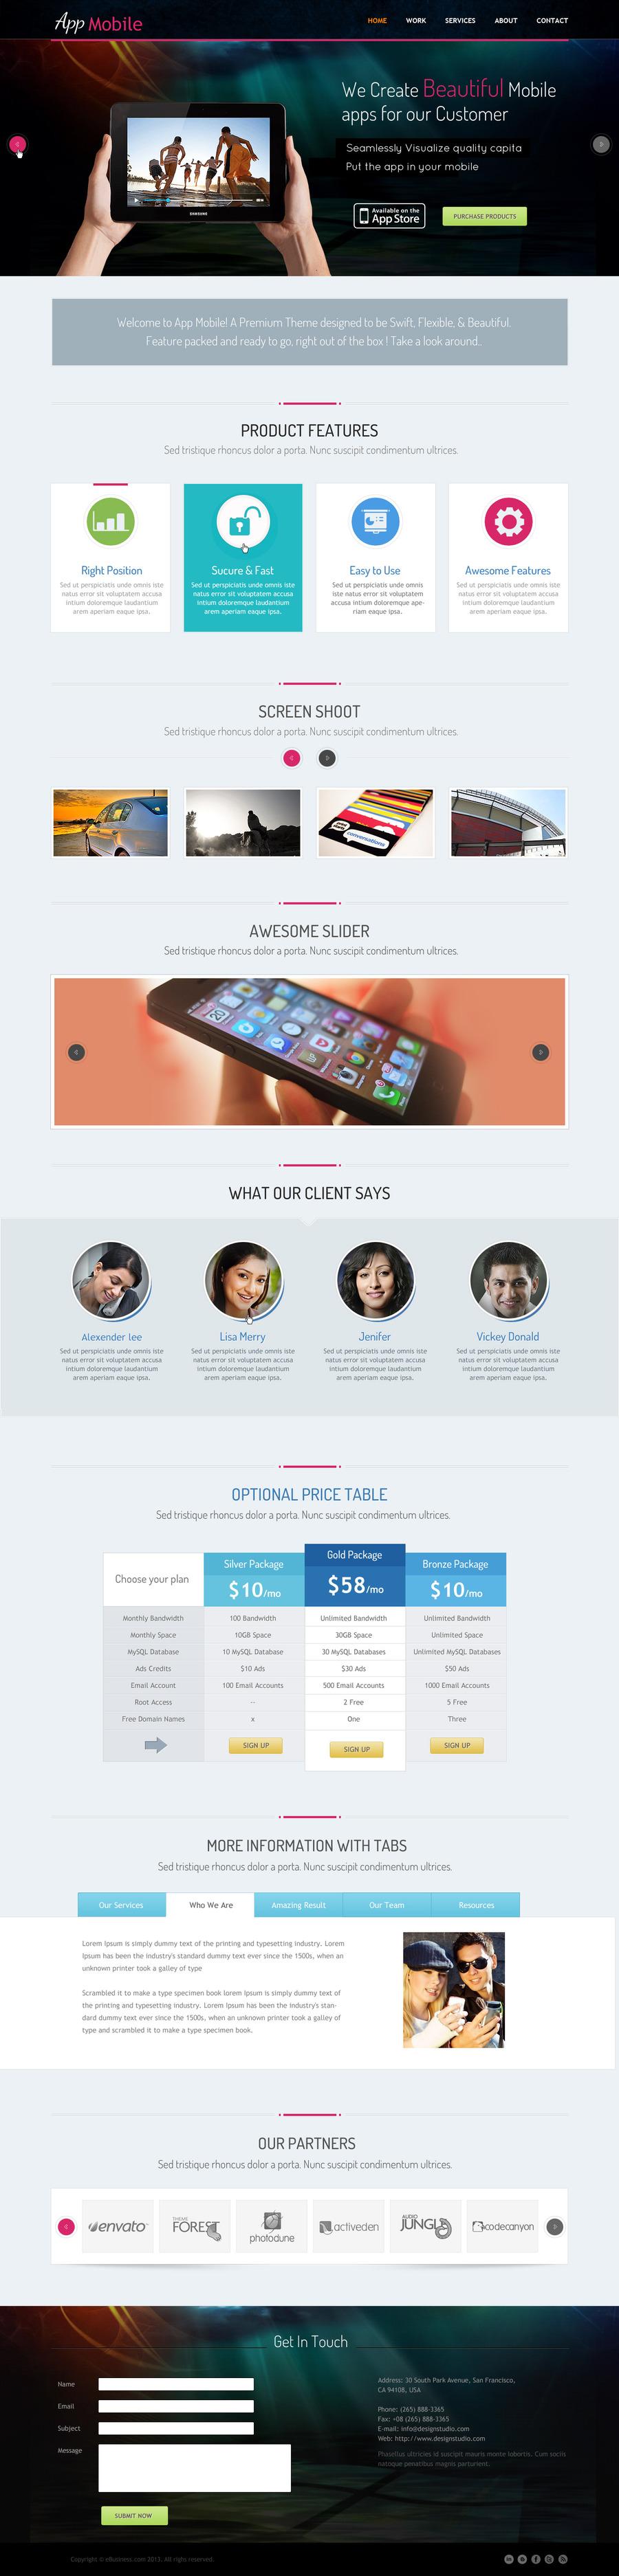 A great web design by deepakchandra, New Delhi, India: